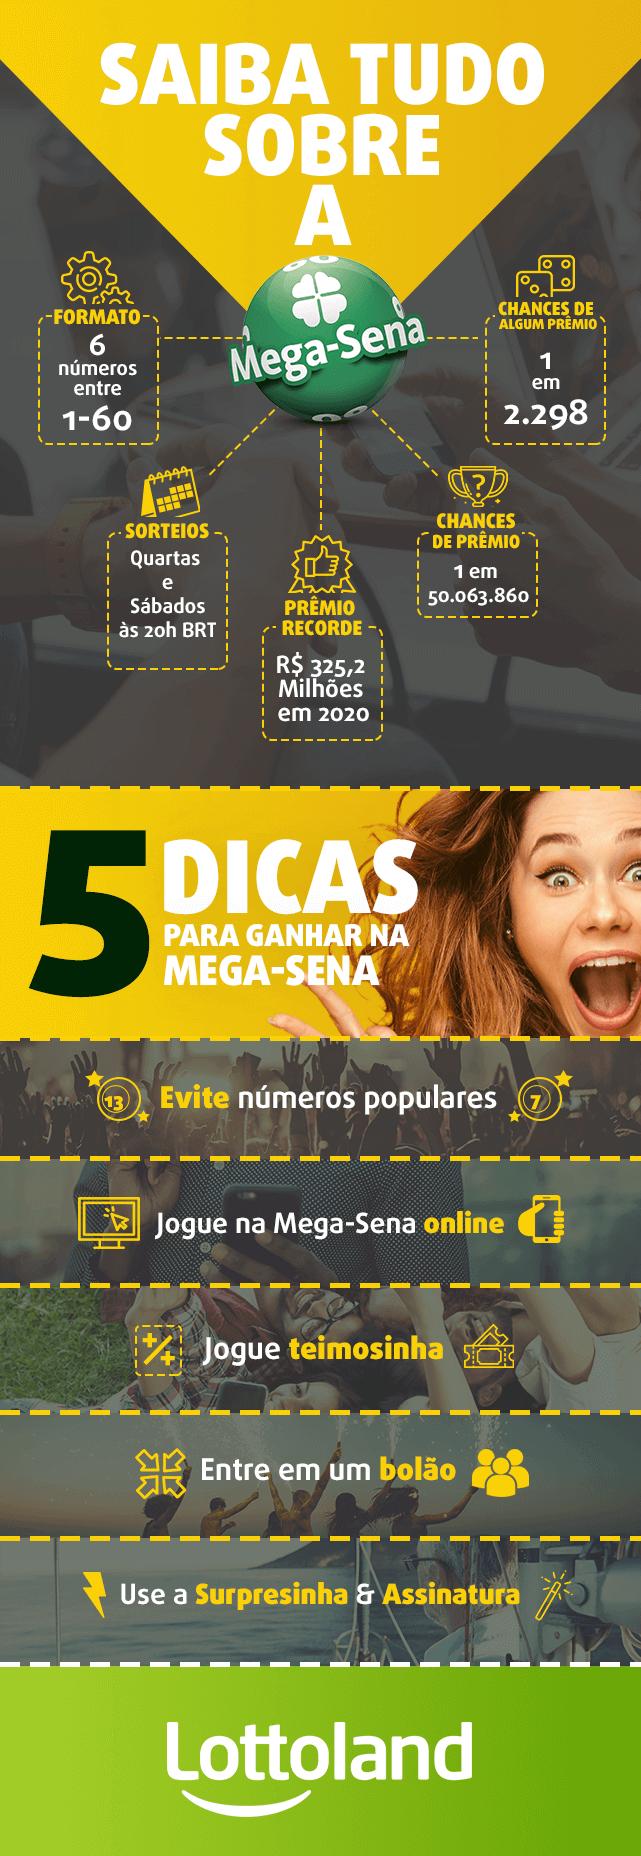 Infográfico com prêmio recorde da Mega-Sena e dicas para ganhar